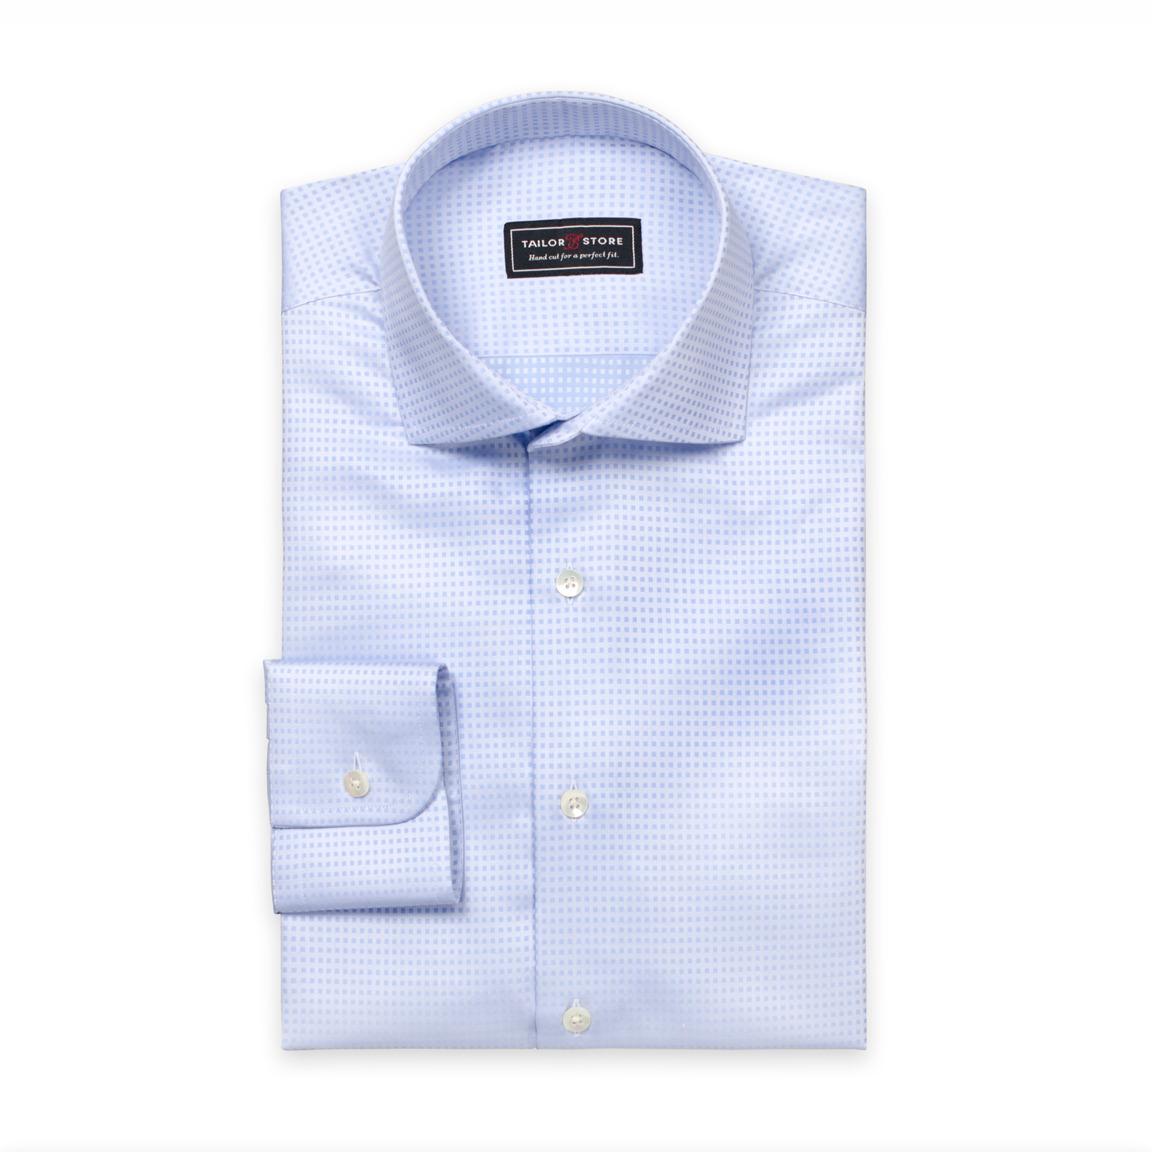 Vaaleansininen paita